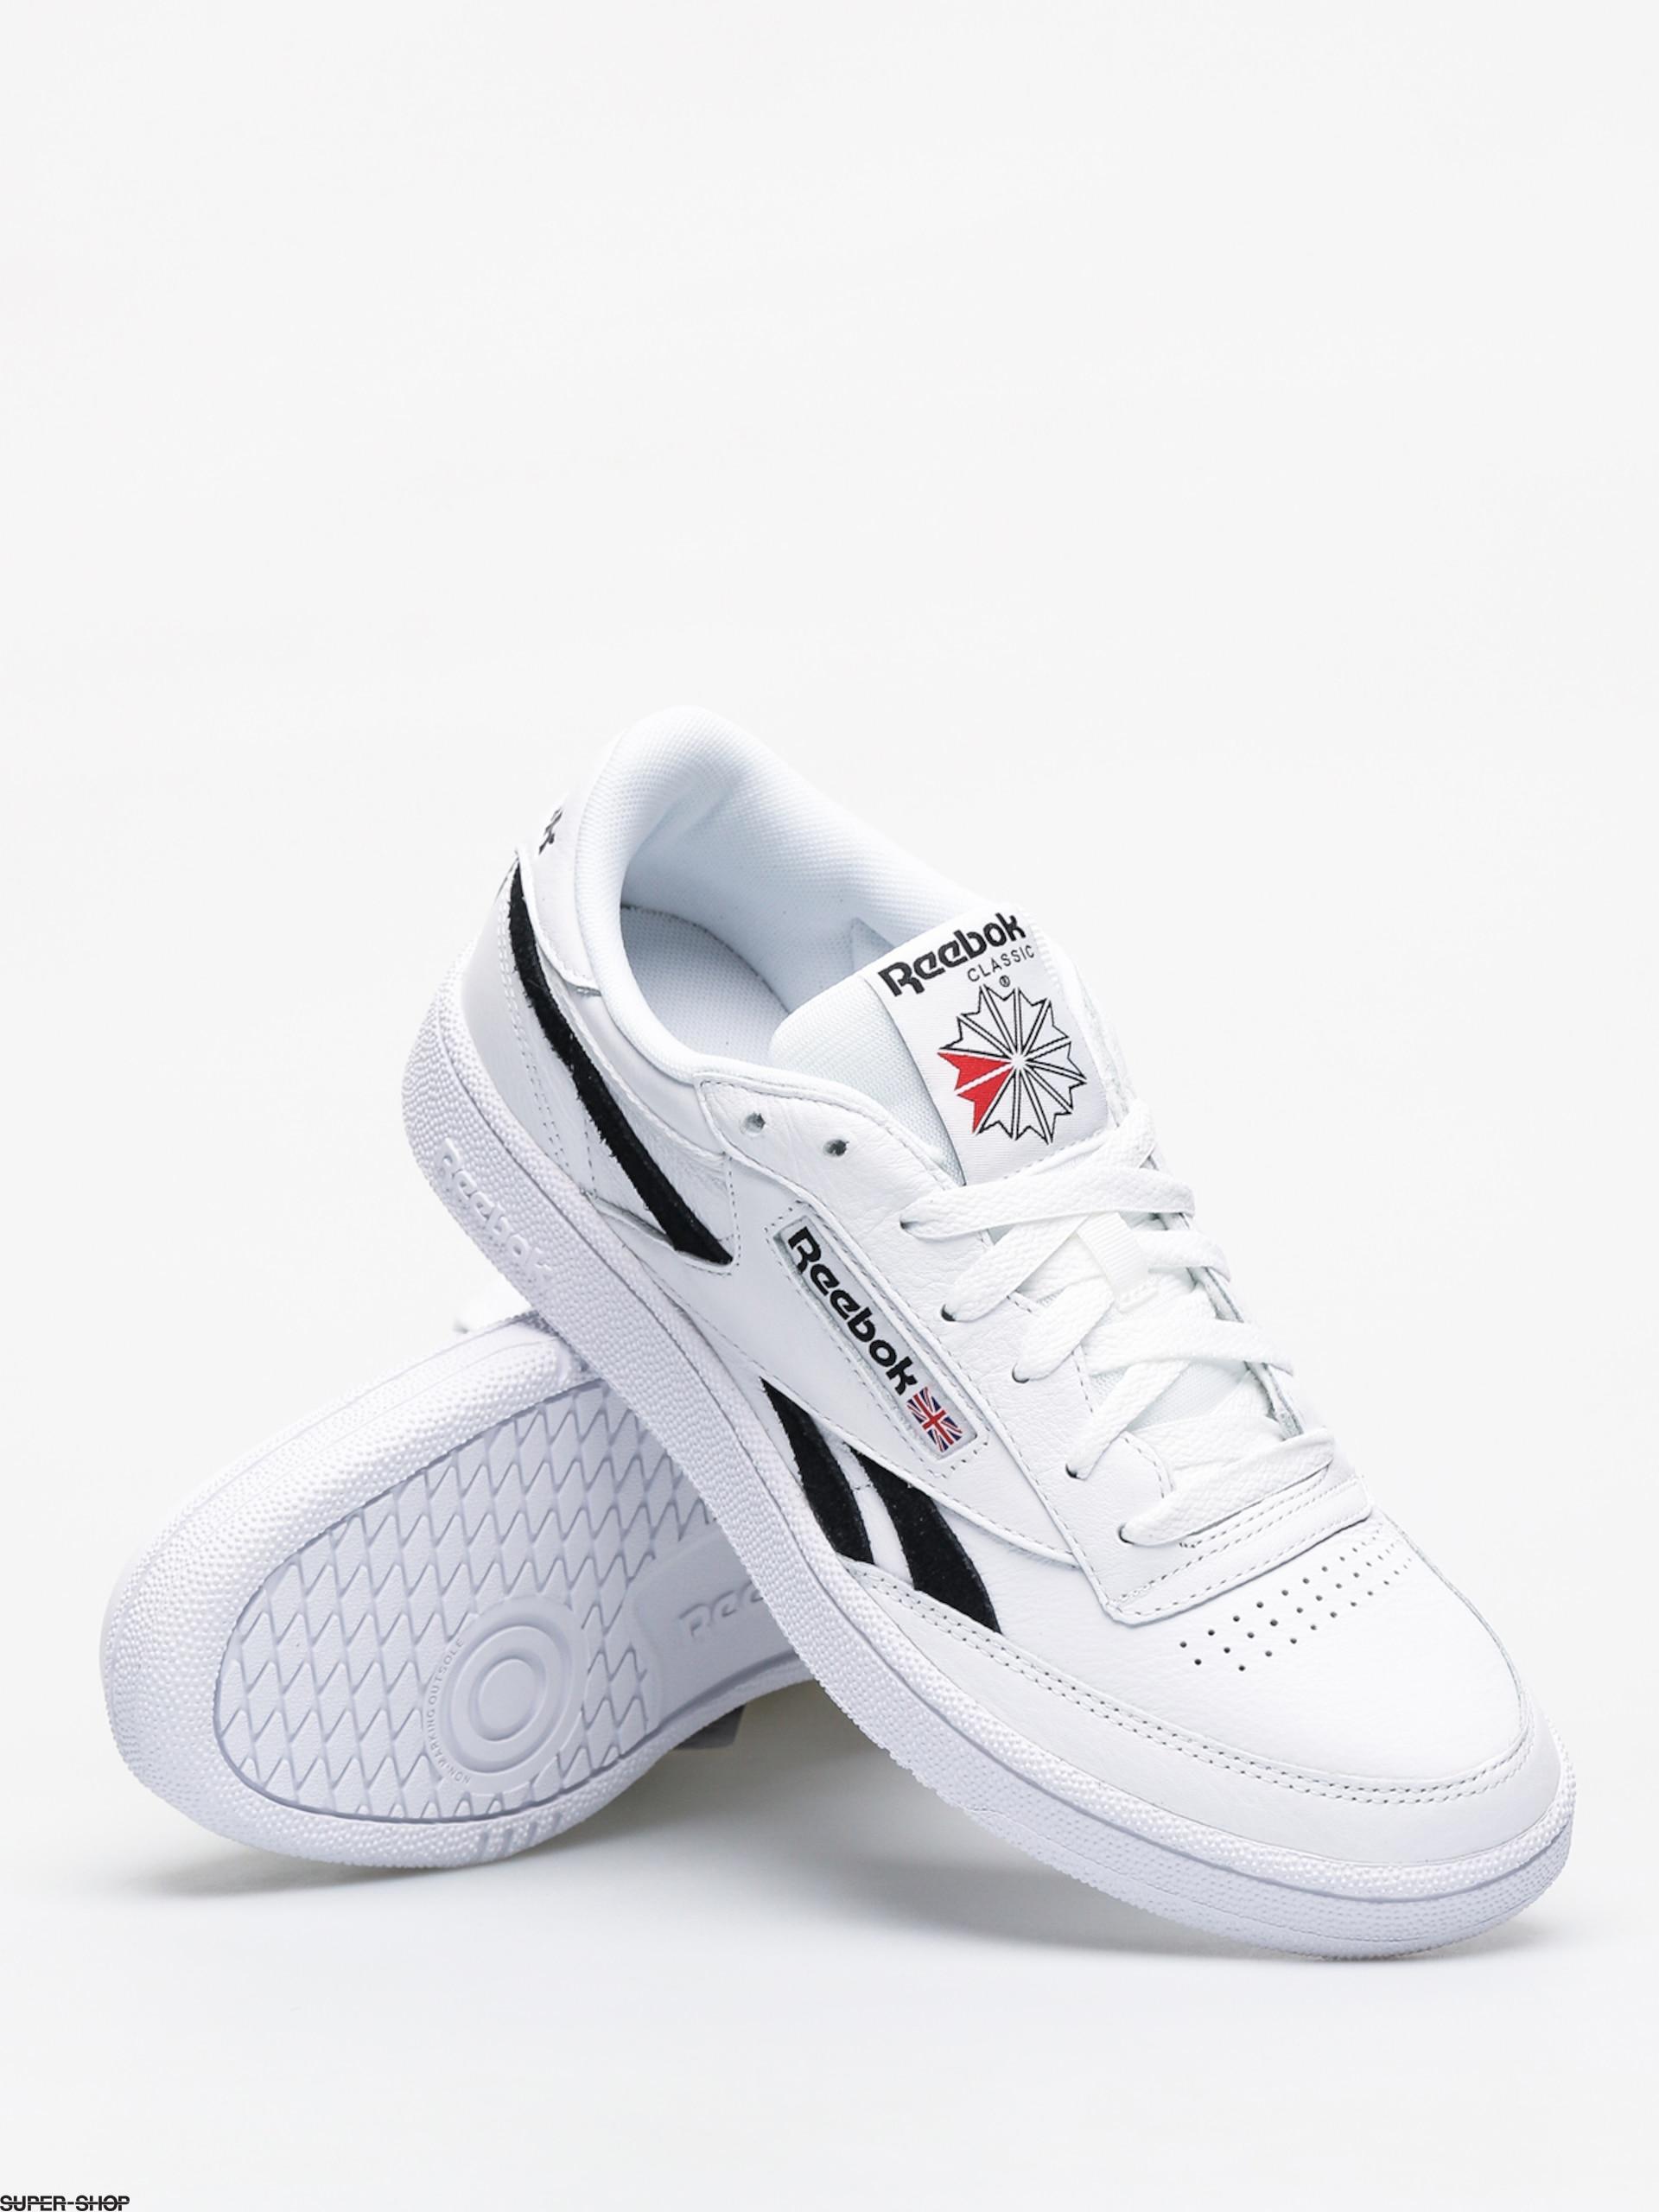 altamente elogiato migliore qualità per diversificato nella confezione Reebok Revenge Plus Mu Shoes (white/black)